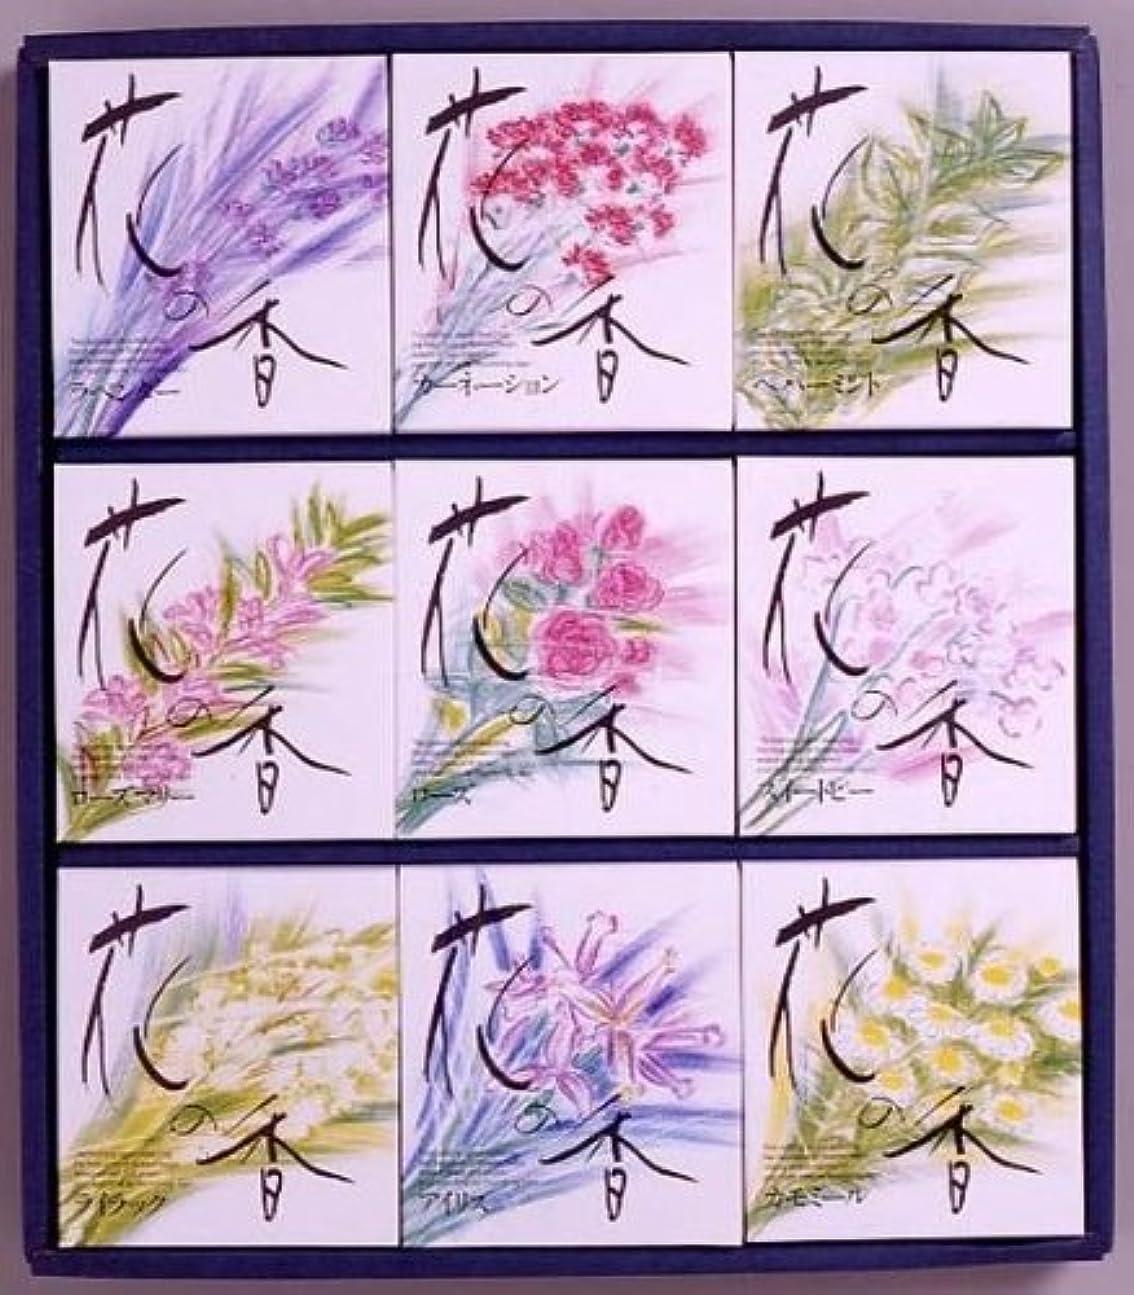 また明日ねお客様気づかない花の香 NHK-30 [医薬部外品]